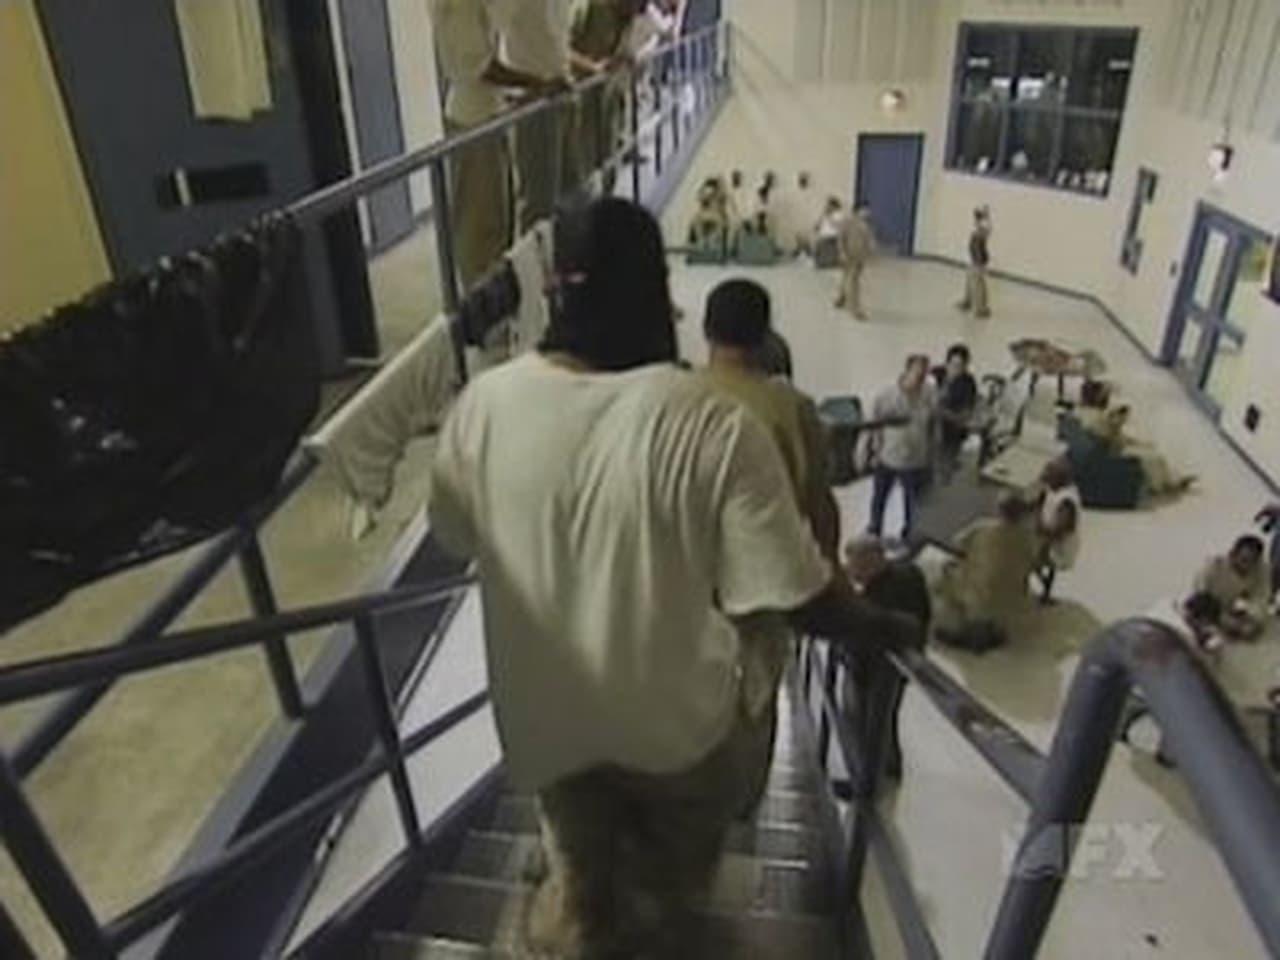 30 Days Episode: Jail